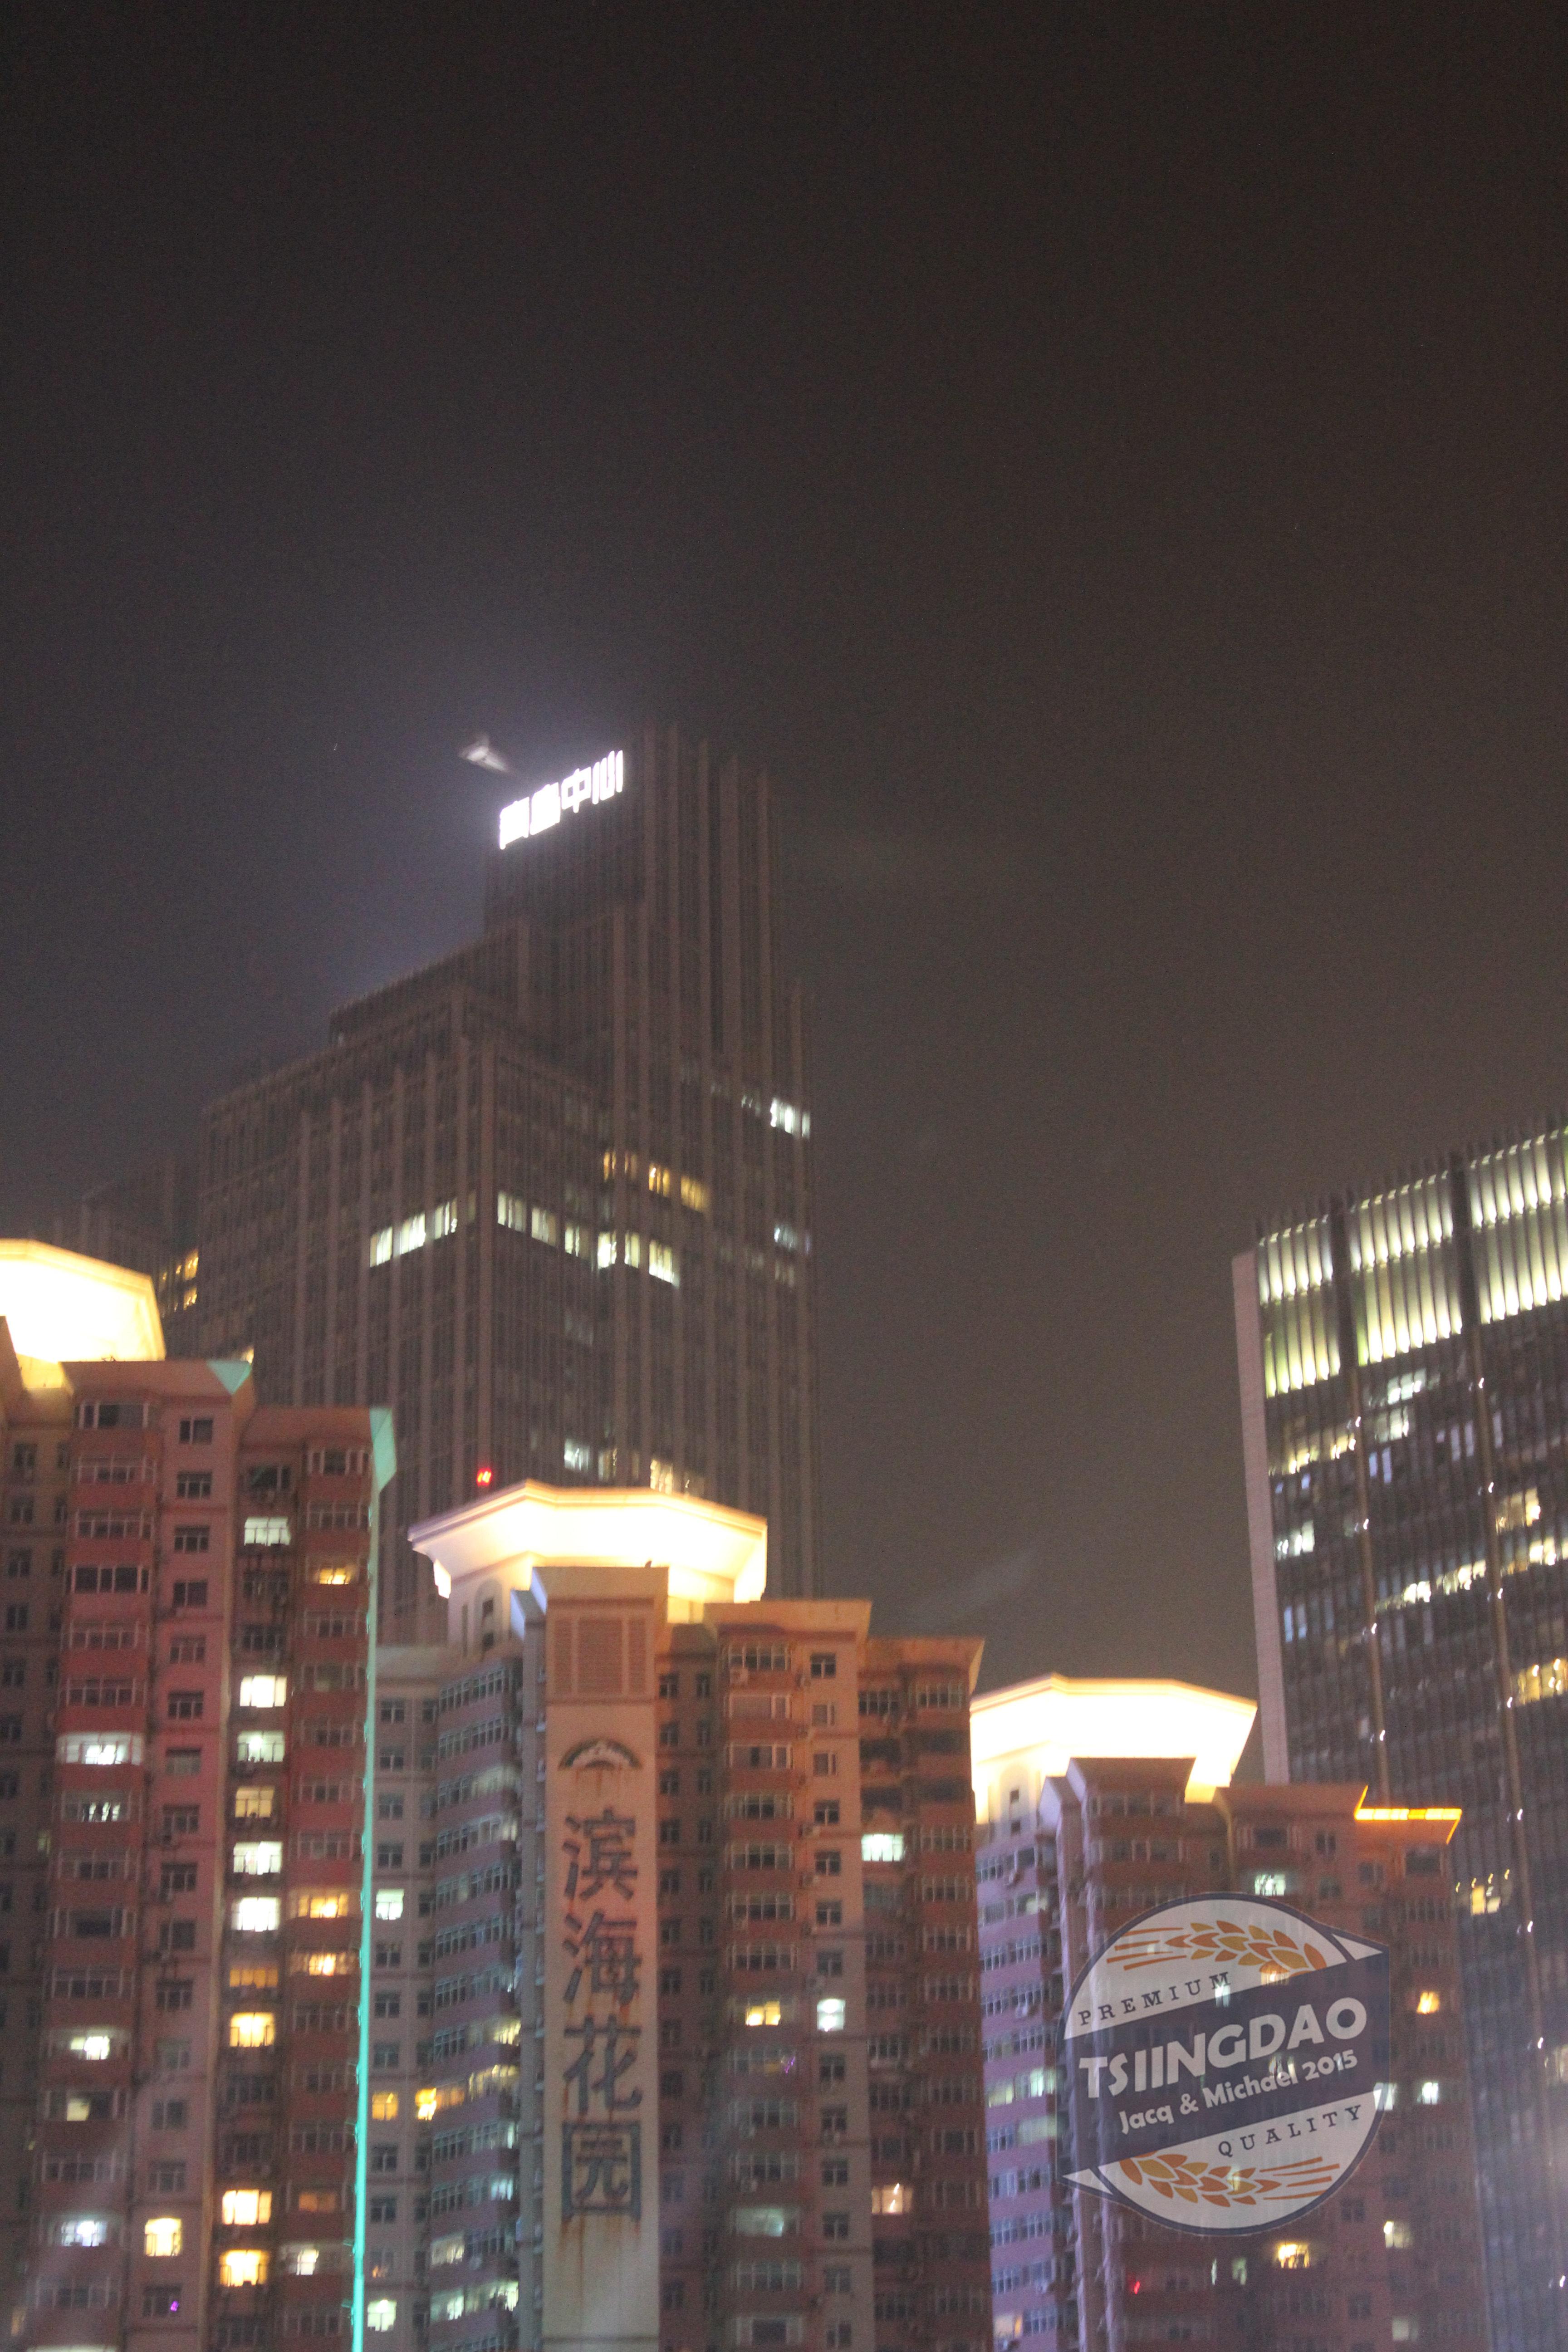 航班: 9/3 周四 MU5519,2015/2200, 上海虹桥 T2--青岛流亭T2 9/7 周一 SC4603,1855/2020, 青岛流亭 T1-上海浦东 T2 酒店: 由于第一天晚上才到酒店,第二天一般都是当地游玩为主,所以我们前2天预定了一家相对经济型的酒店式公寓,不含早餐。前2天想出去看看当地人的生活,尝尝当地的特色小吃;后面2天预计是轻松游,所以预订了一家5星酒店~开启休闲度假模式 :) 9/3-9/5 青岛远雄悦来酒店公寓 (Qingdao Farglory Residence) 市南